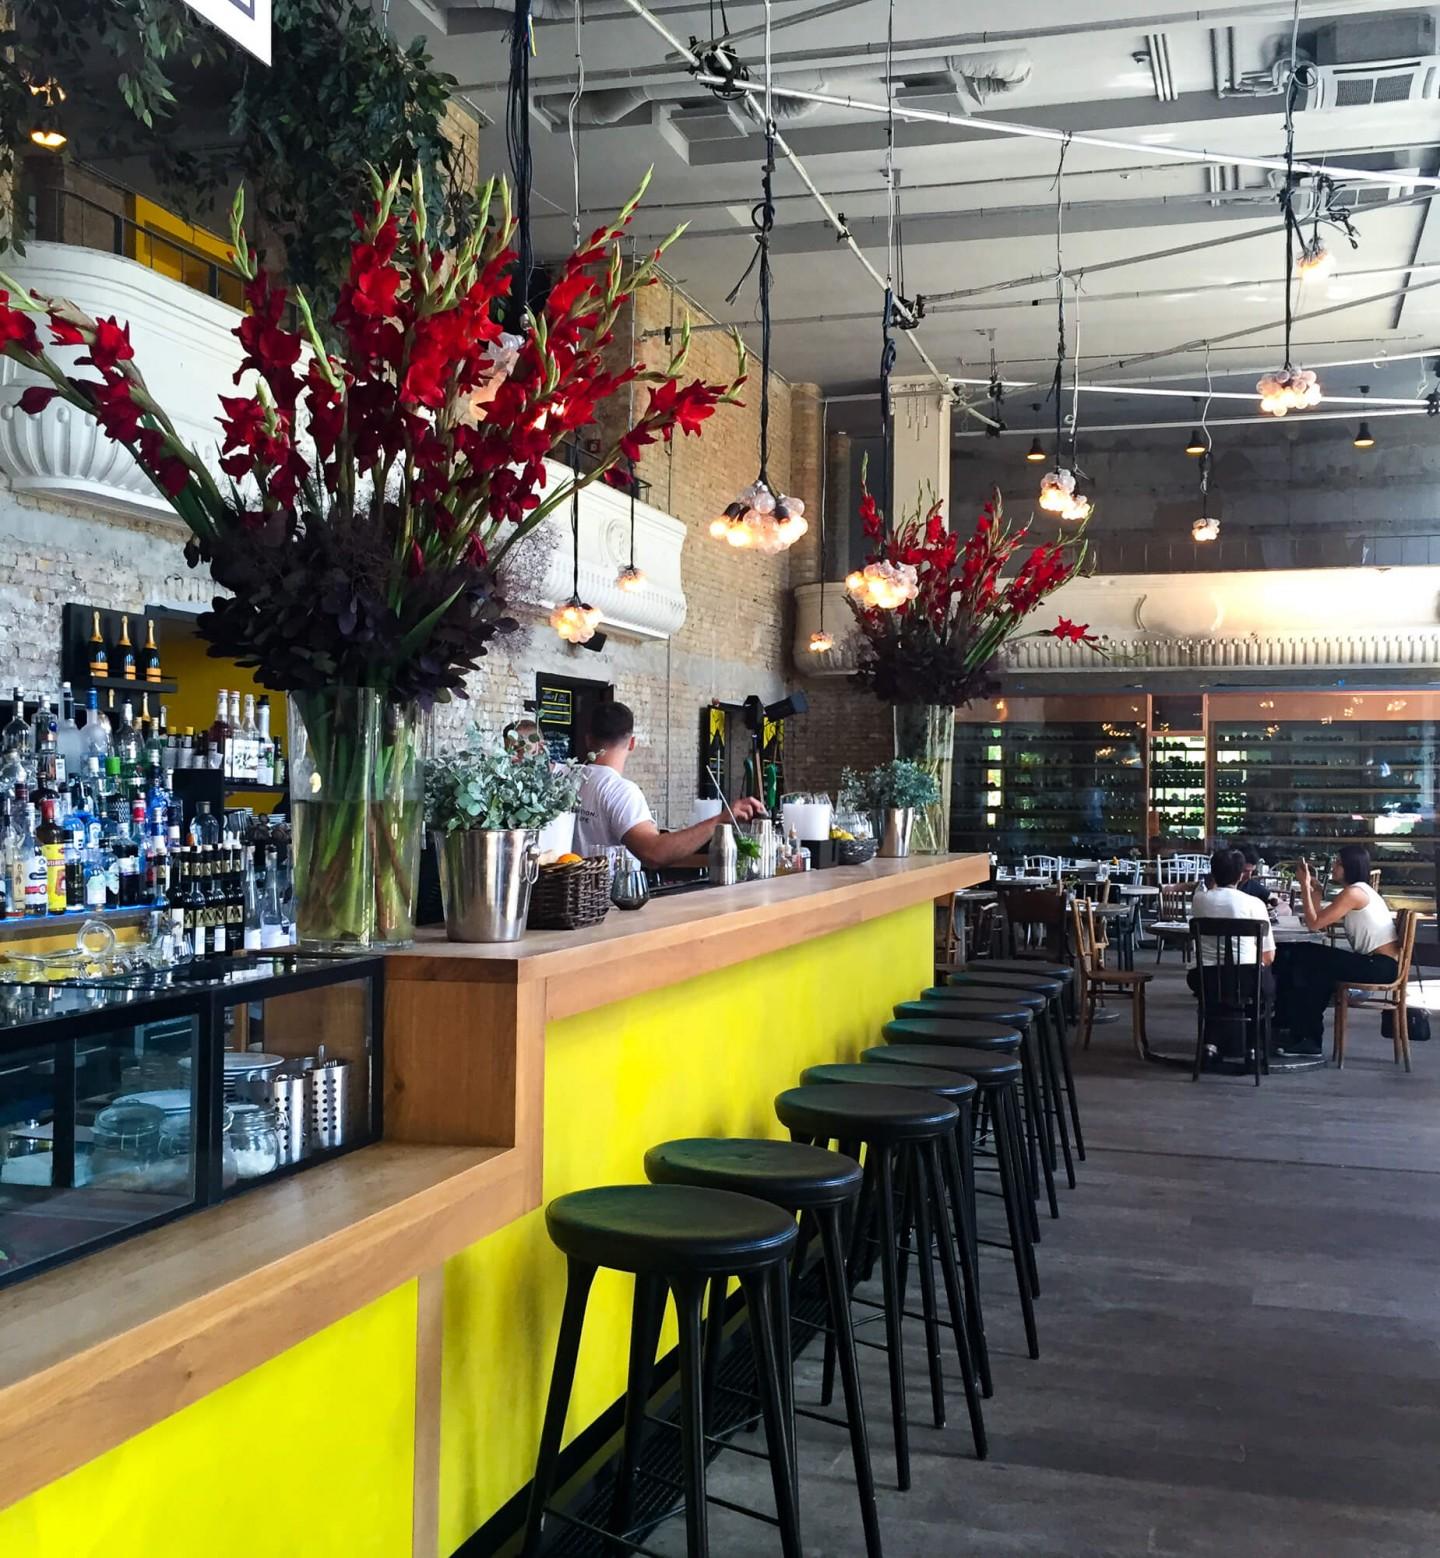 Top 3 Alternative Budapest Restaurants, including Kiosk restaurant on the banks of the Danube restaurant.